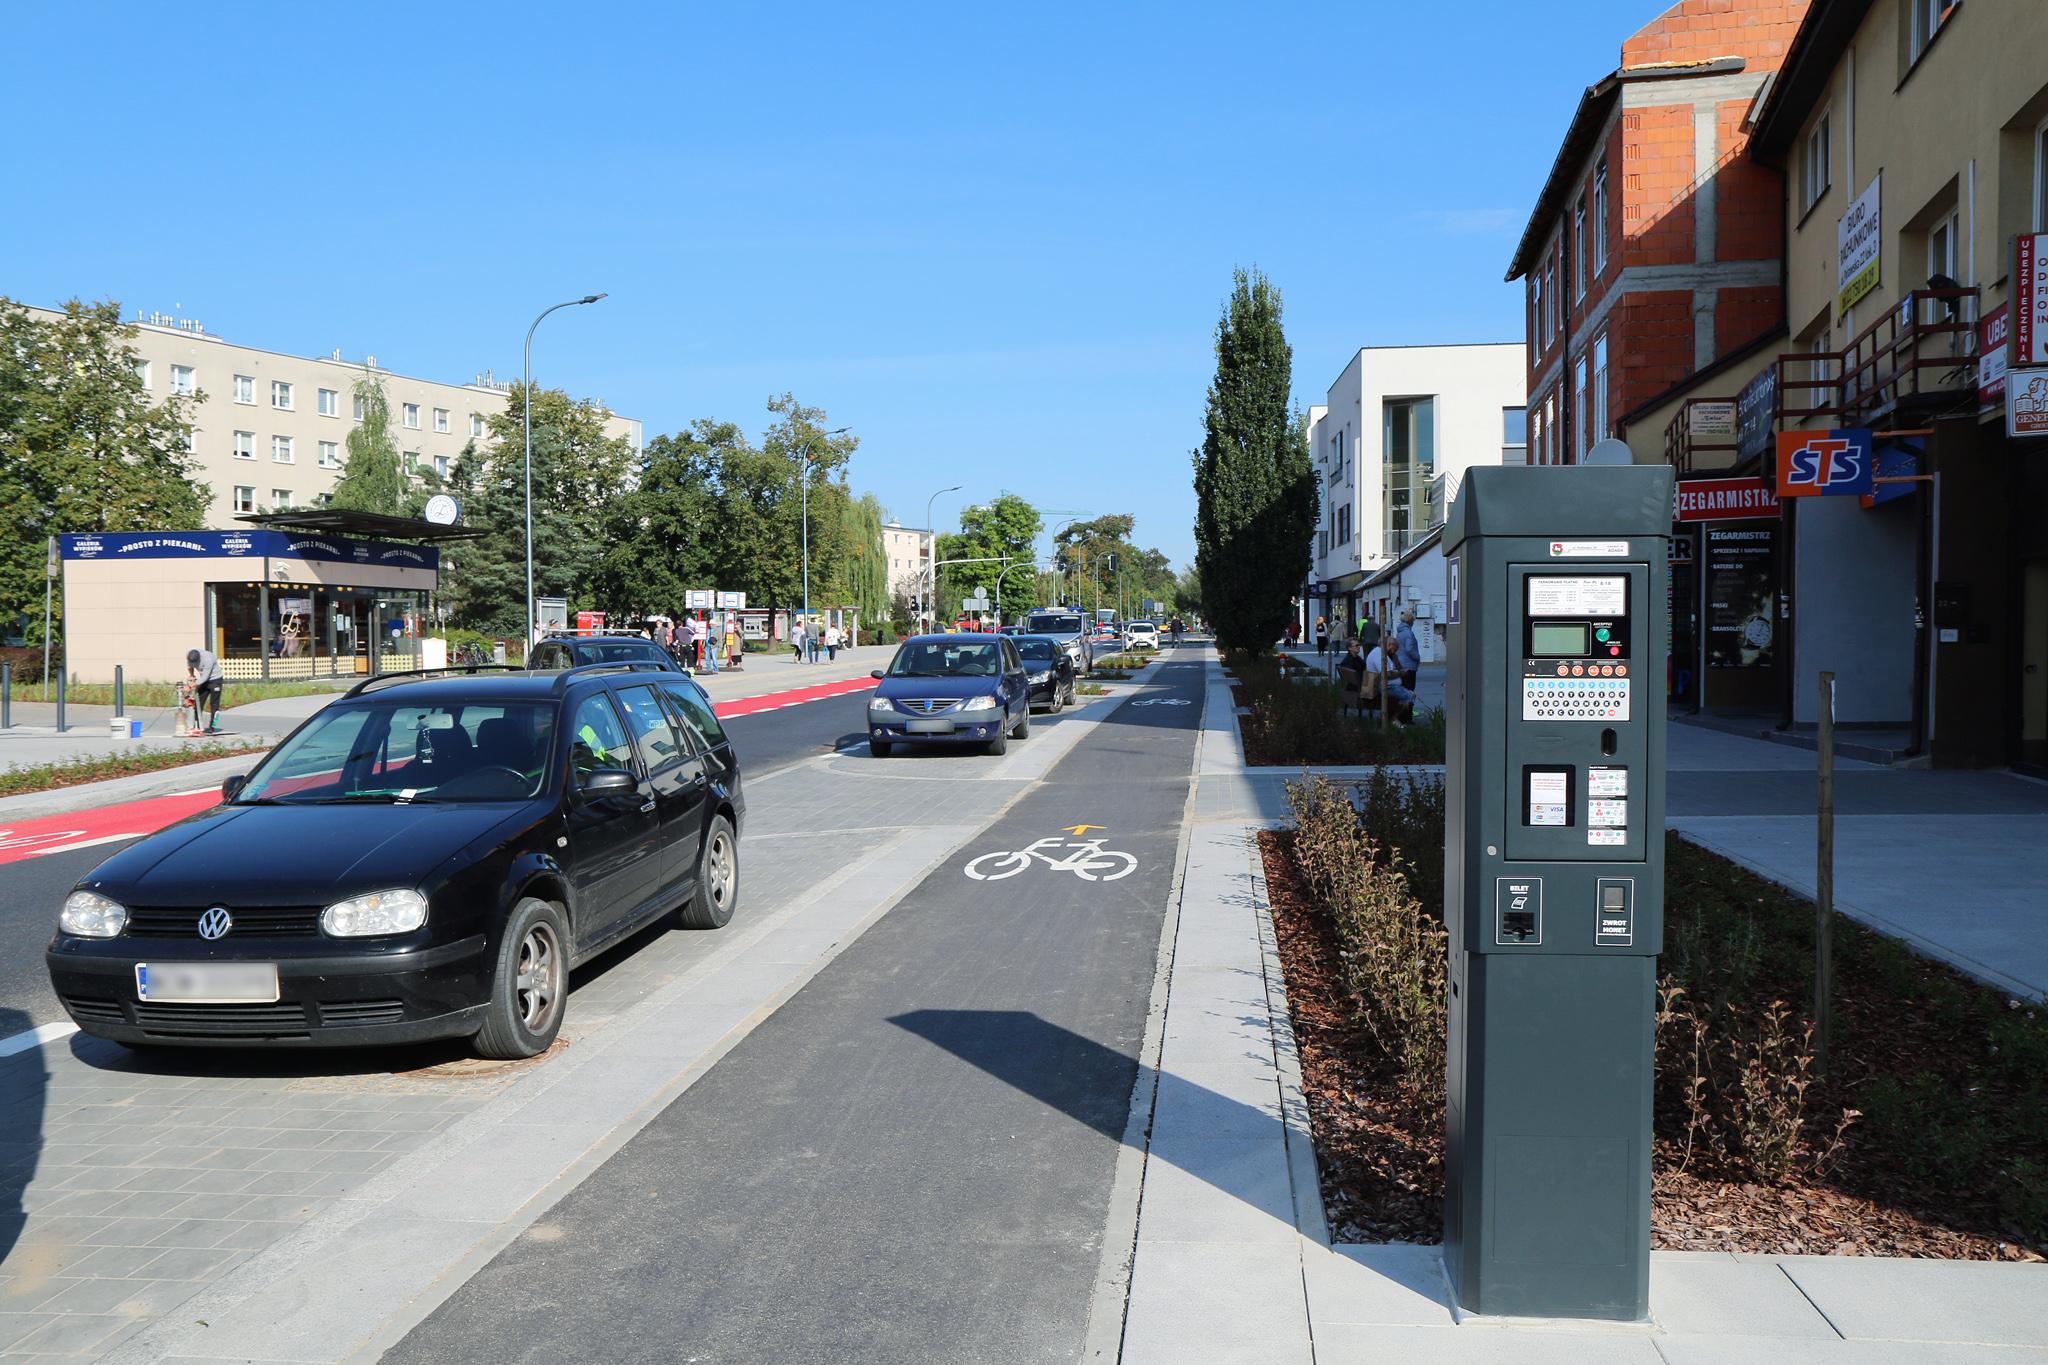 Rozszerzenie Strefy Płatnego Parkowania. Na zdjęciu fragment ulicy Puławskiej oraz parkomat.